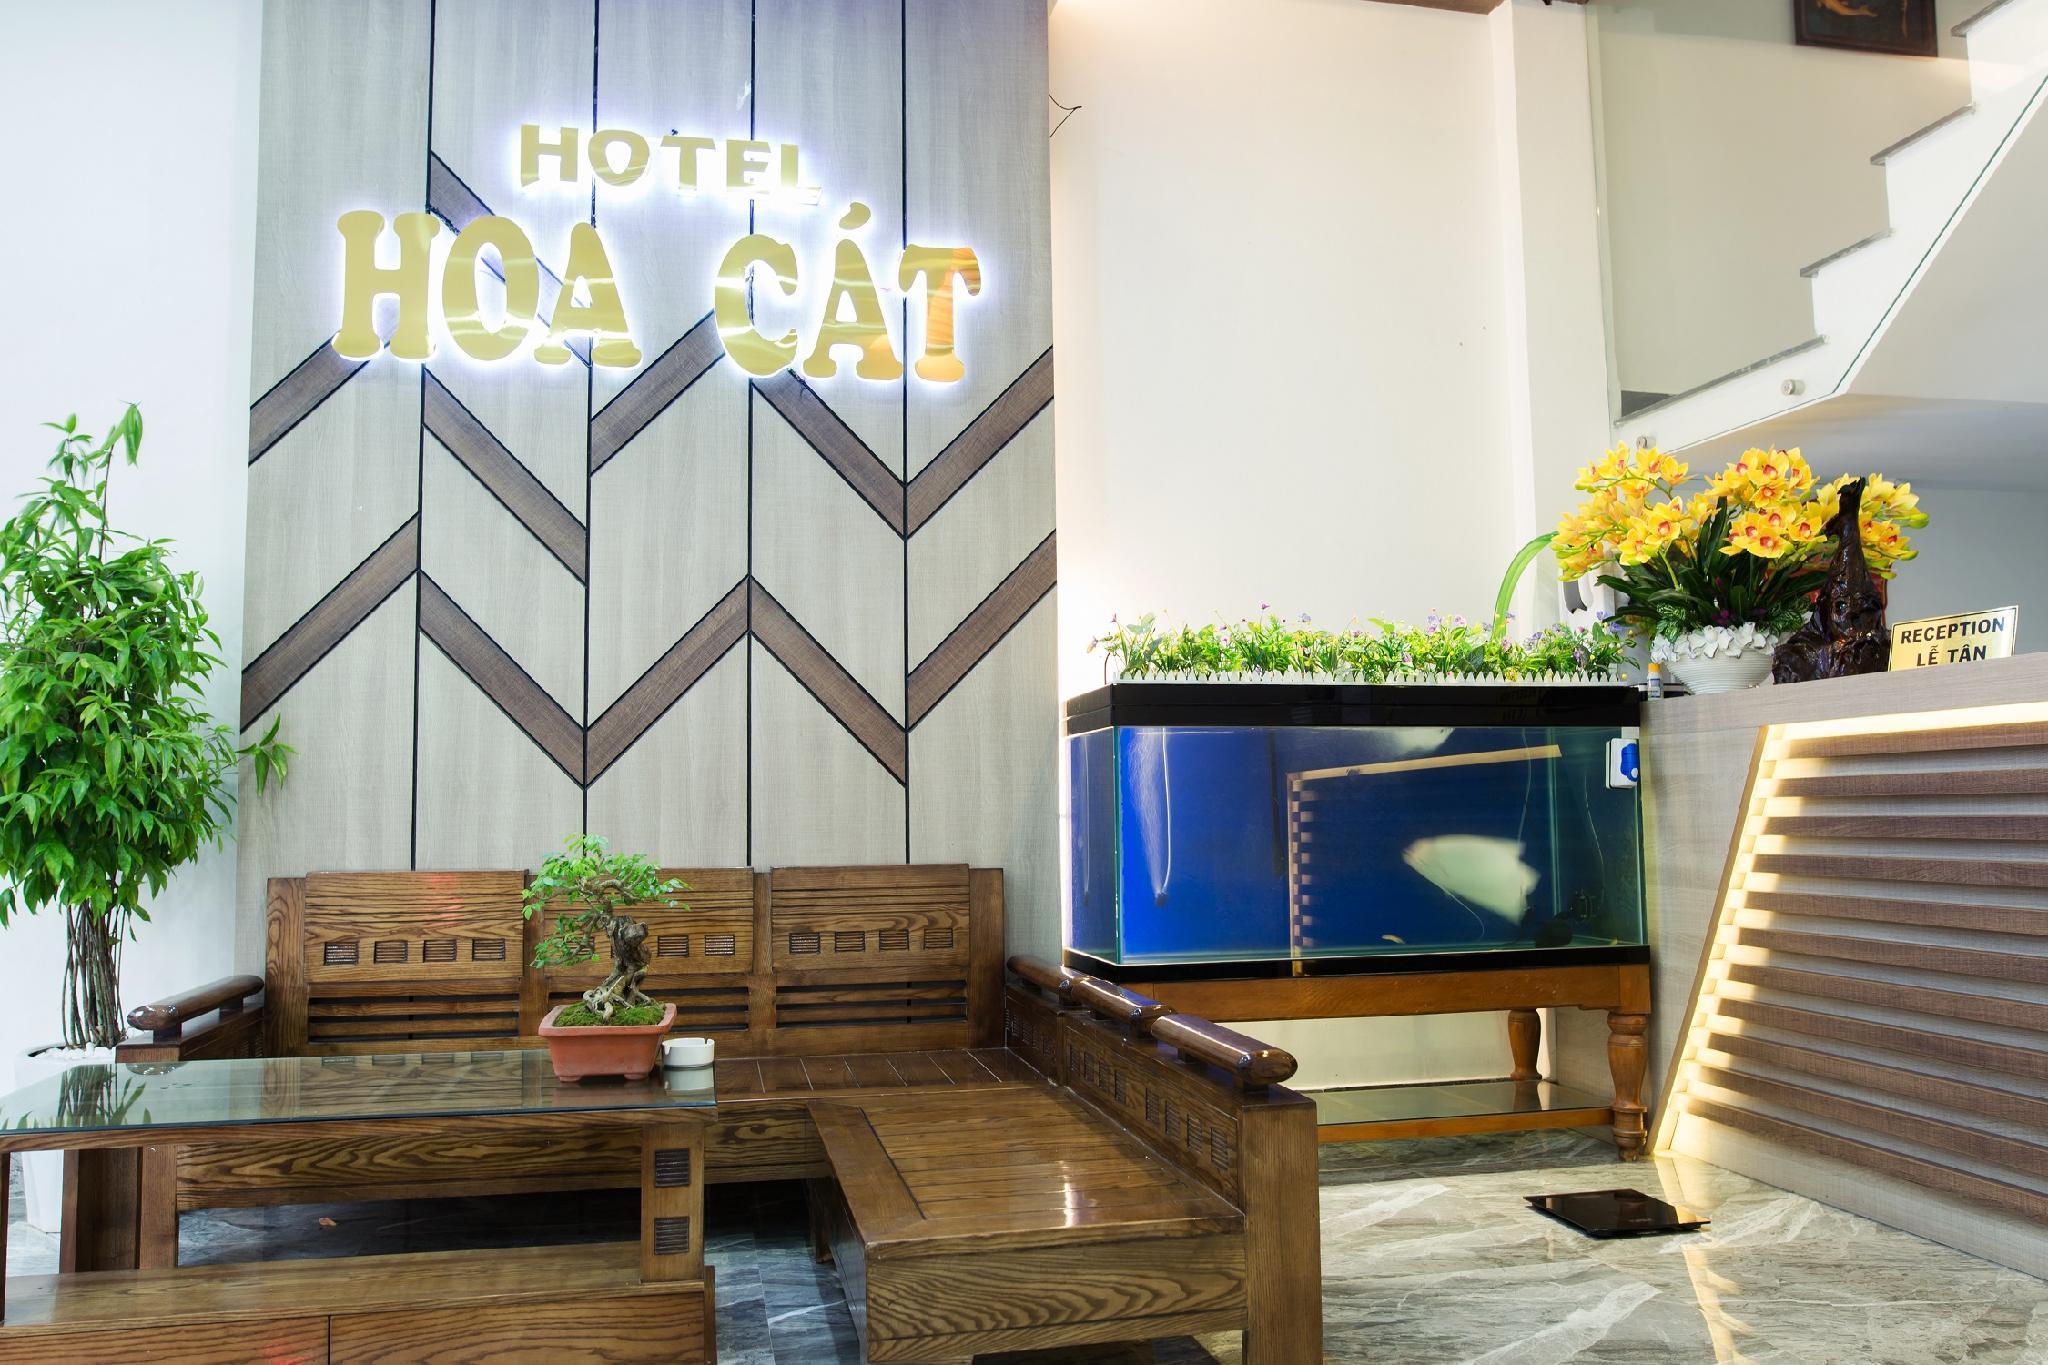 Hoa Cat Hotel